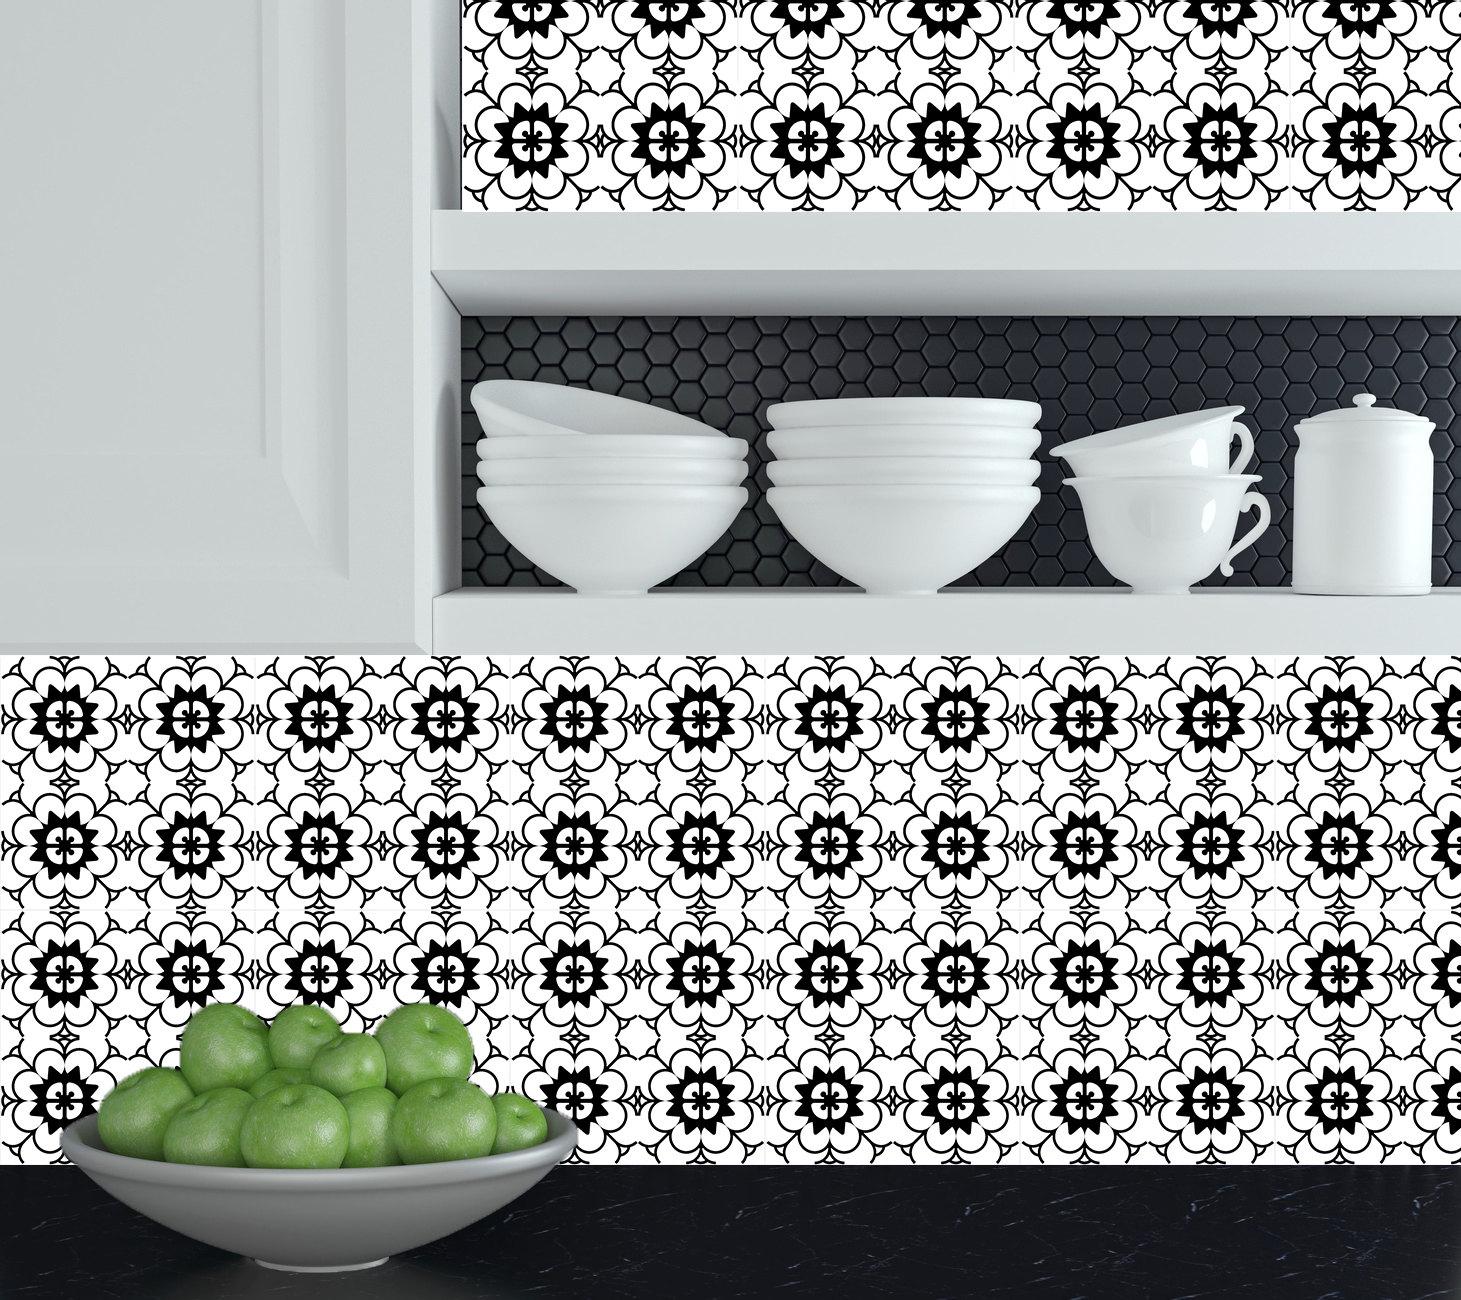 keuken tegels decoratie : Set Van 24 Tegels Stickers Zwart Wit Huisontwerp Decoratie